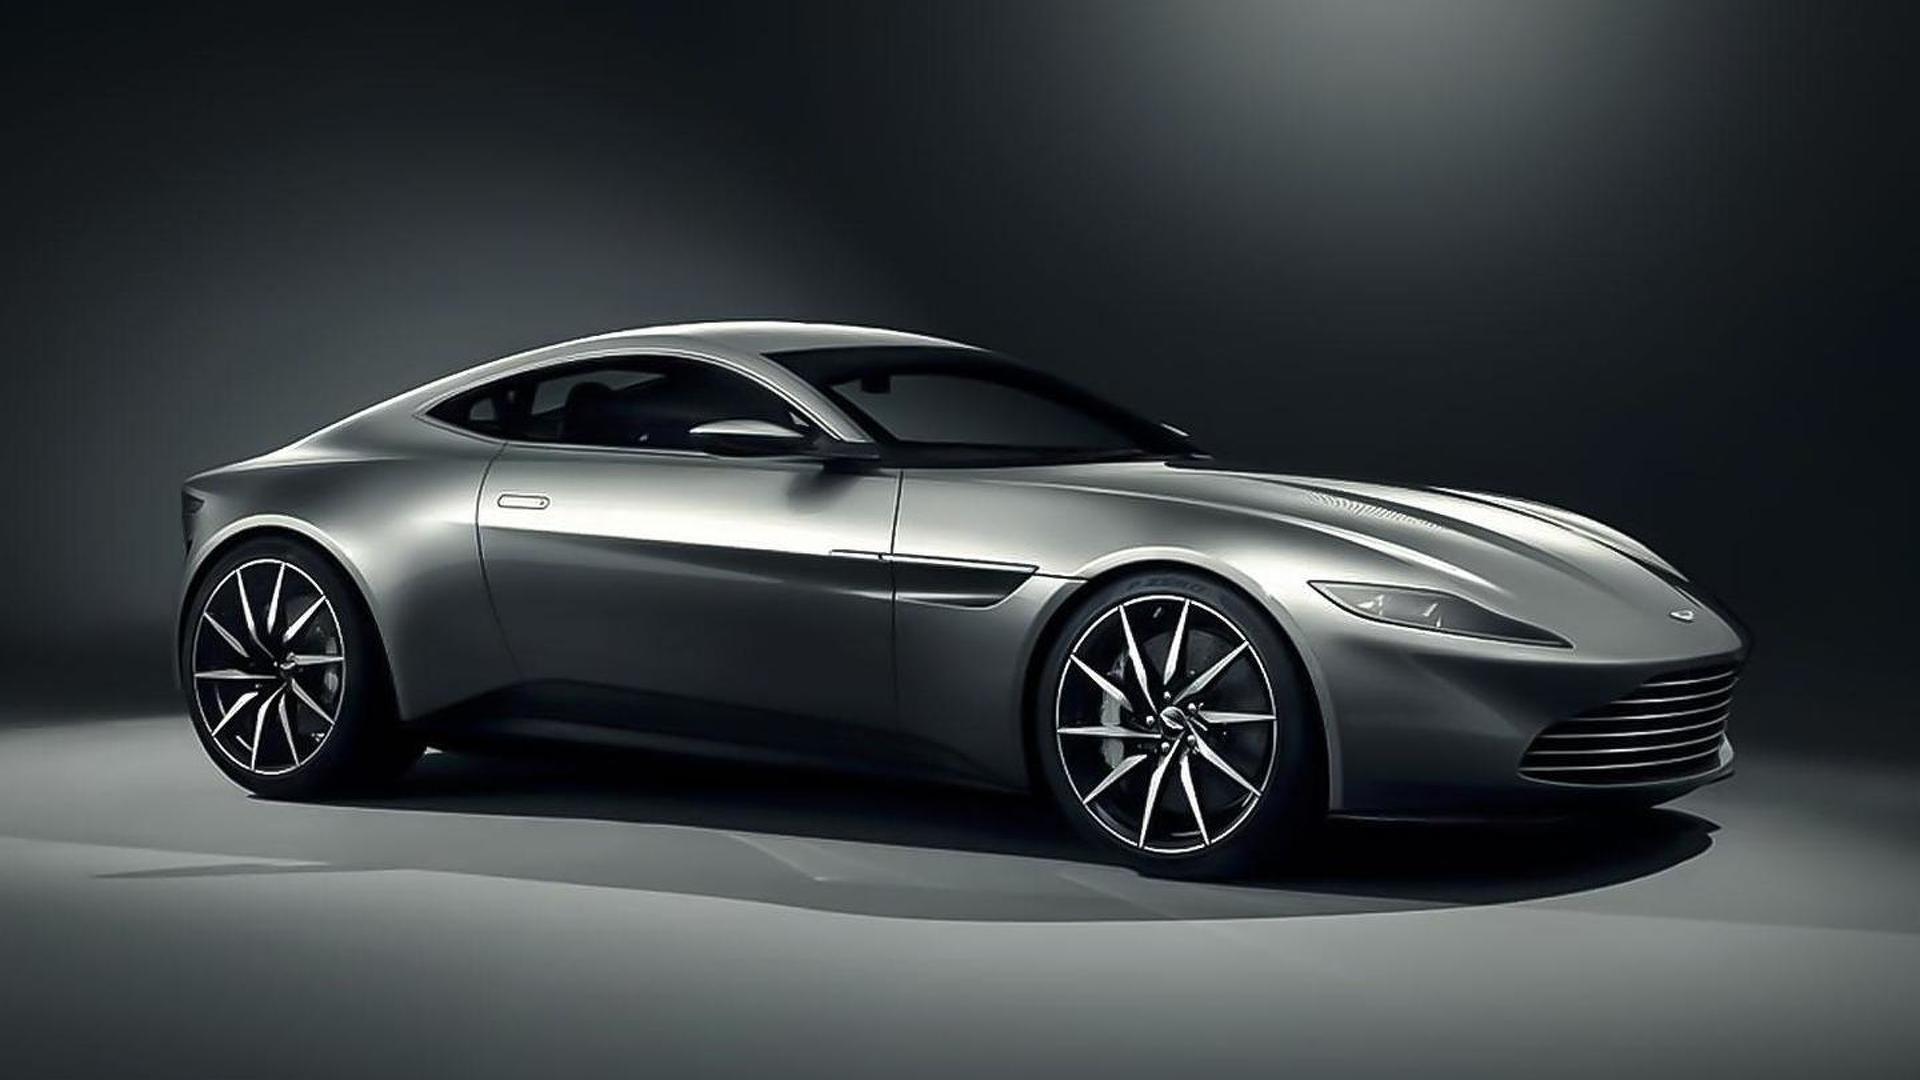 Aston Martin DB10 hints at the next Vantage